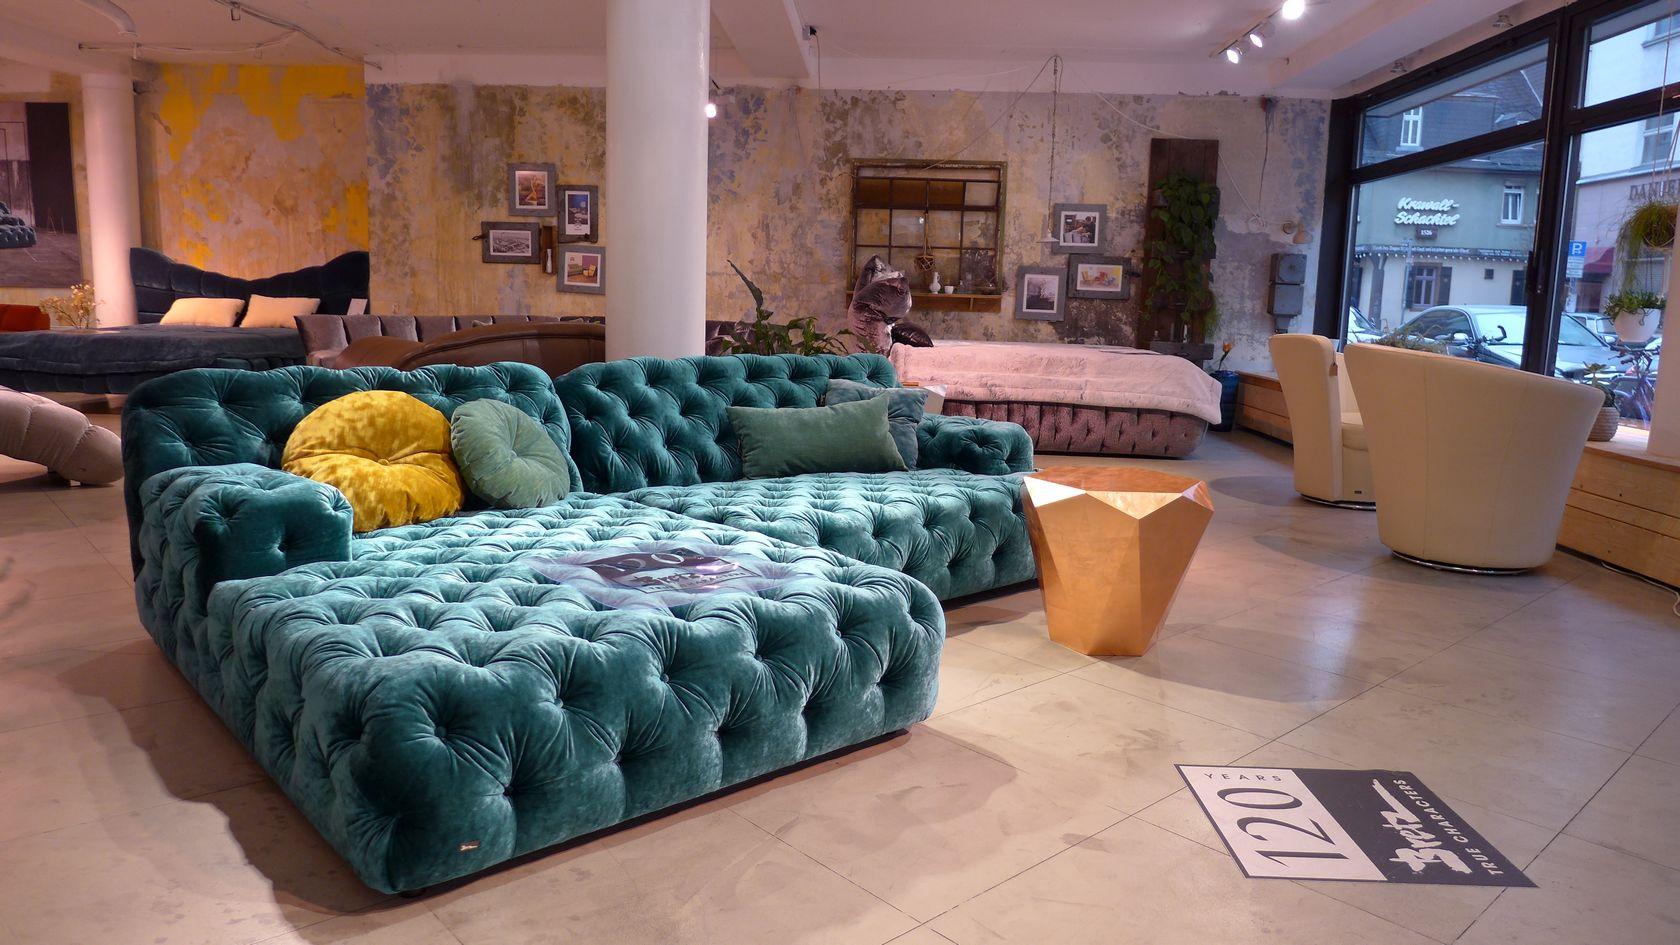 bretz store frankfurt 2017 03 03 005 bretz store frankfurt. Black Bedroom Furniture Sets. Home Design Ideas